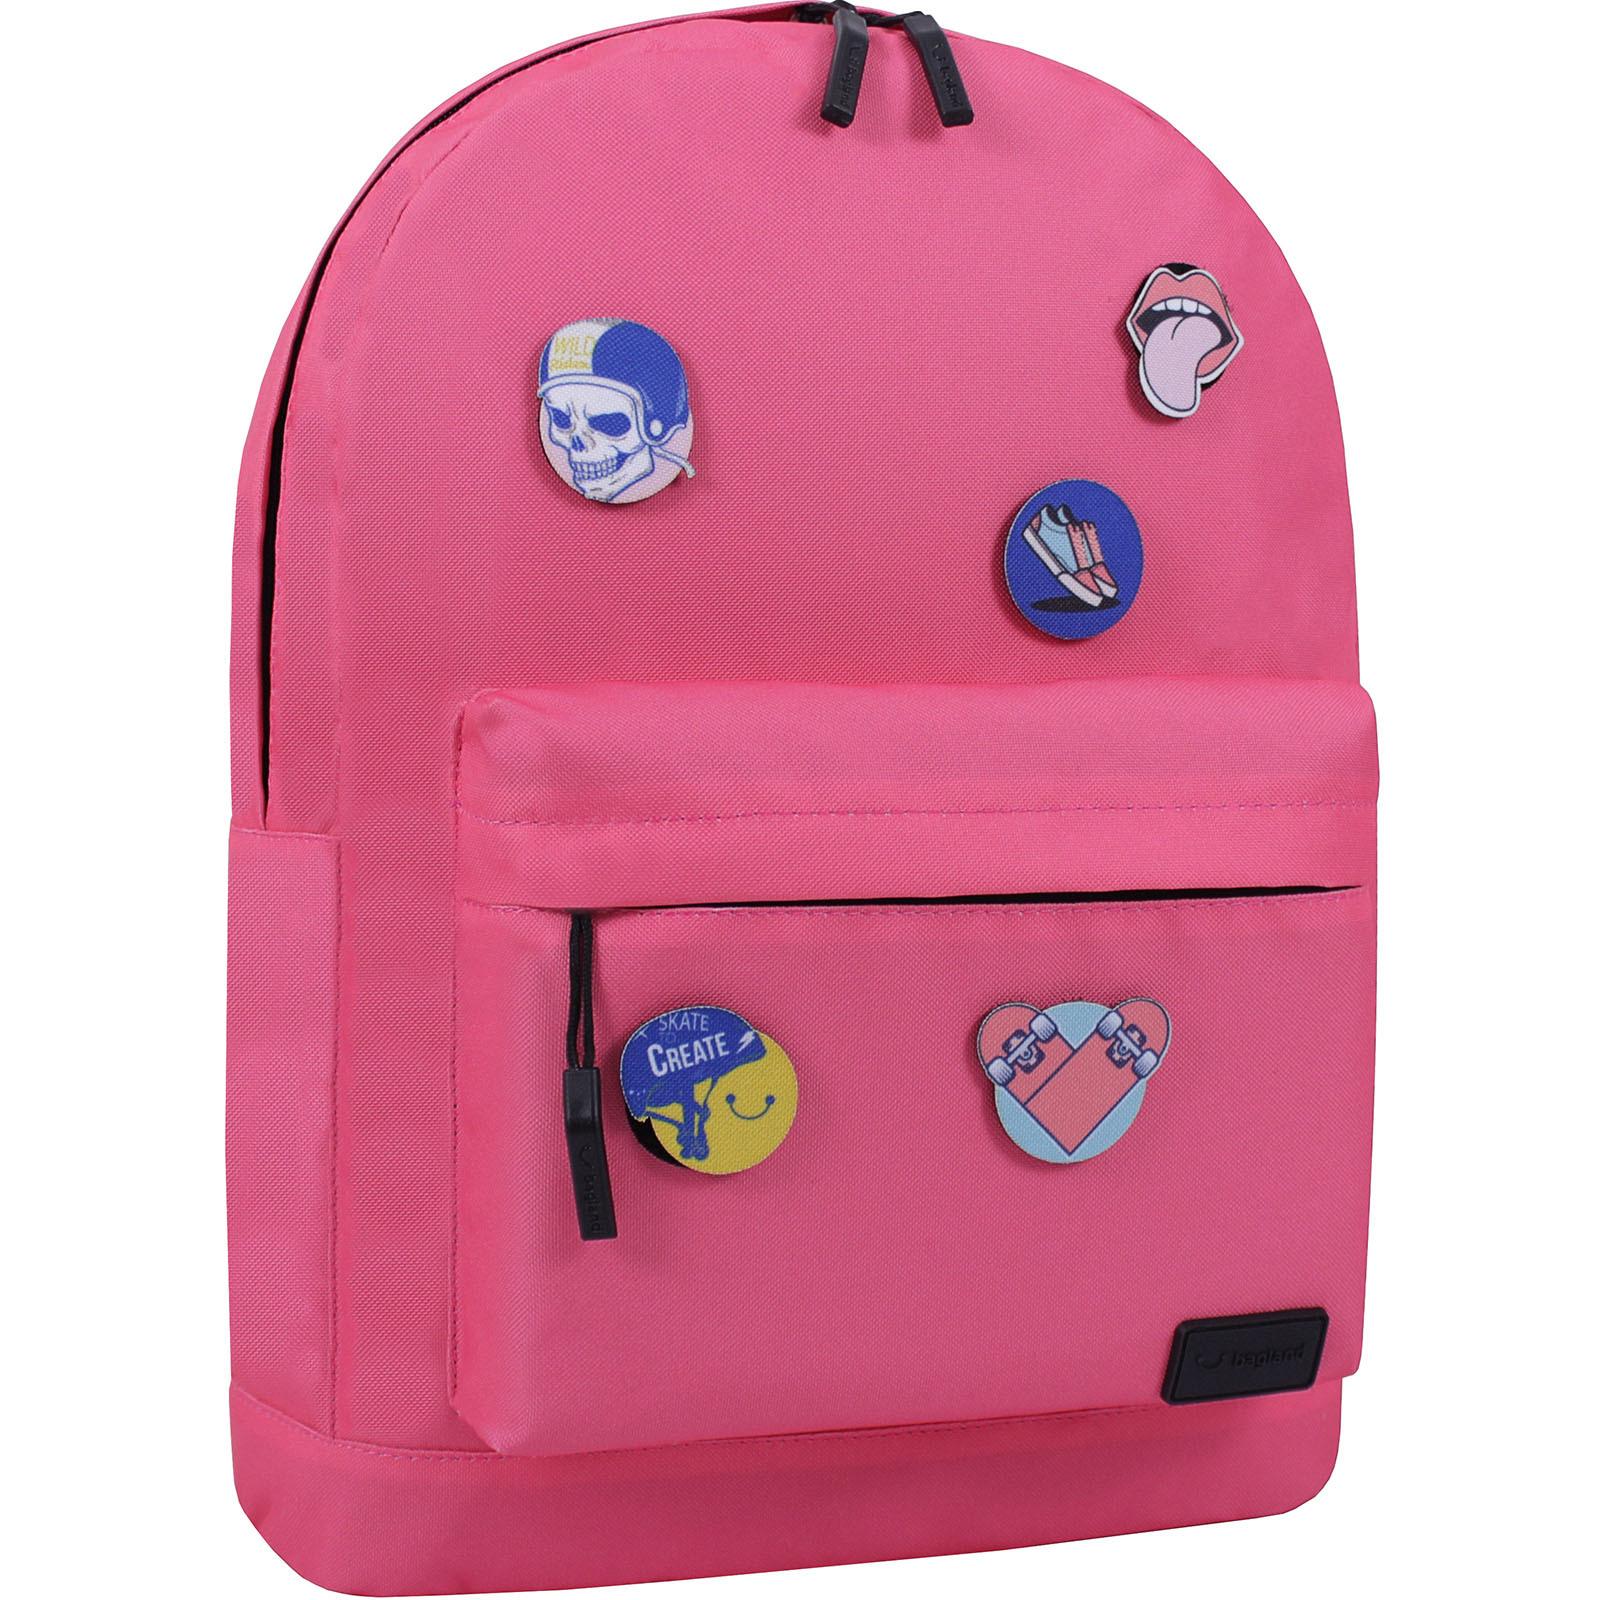 Городские рюкзаки Рюкзак Bagland Молодежный W/R 17 л. Розовый (00533664 Ш) IMG_1408.JPG